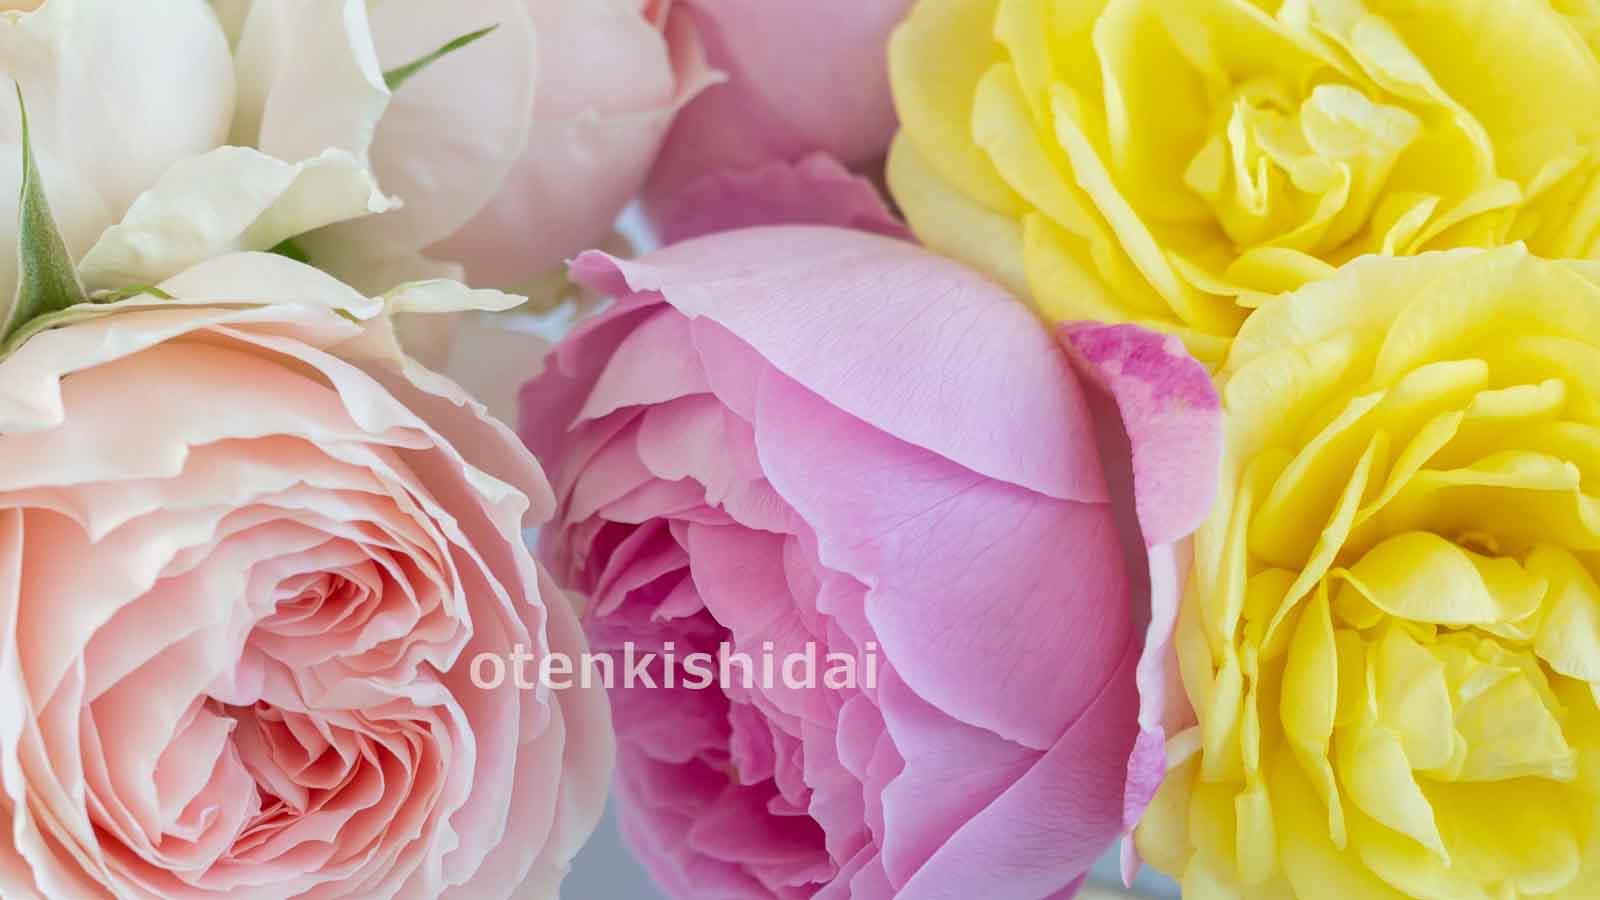 バラの集合写真のイメージ